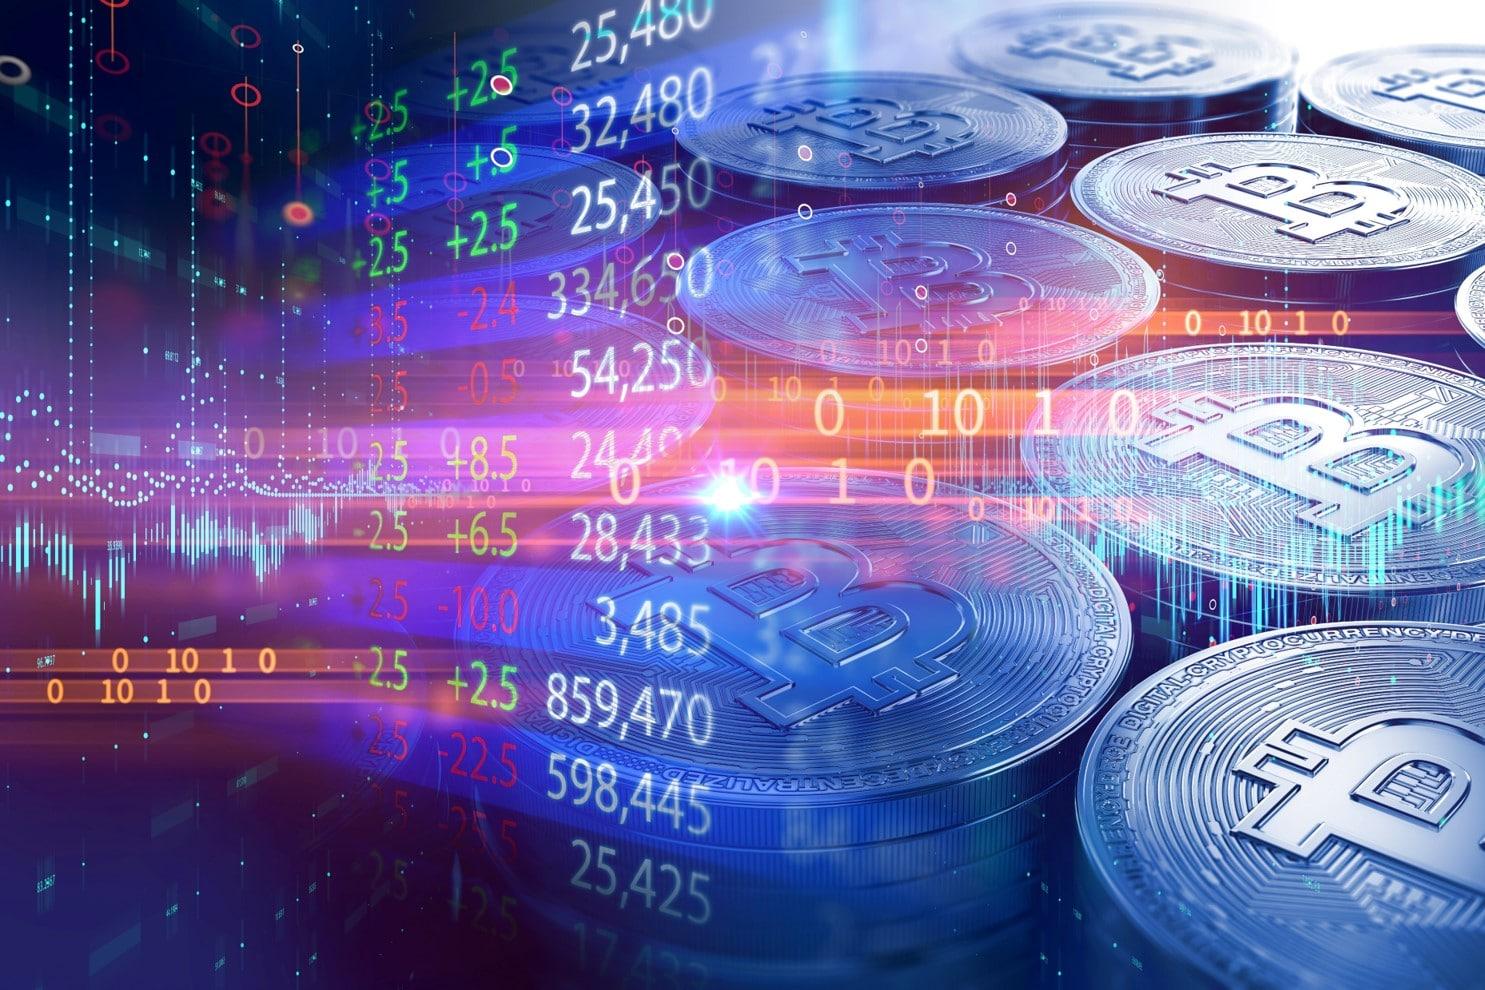 Futuros-Productos-Criptomonedas-Trading